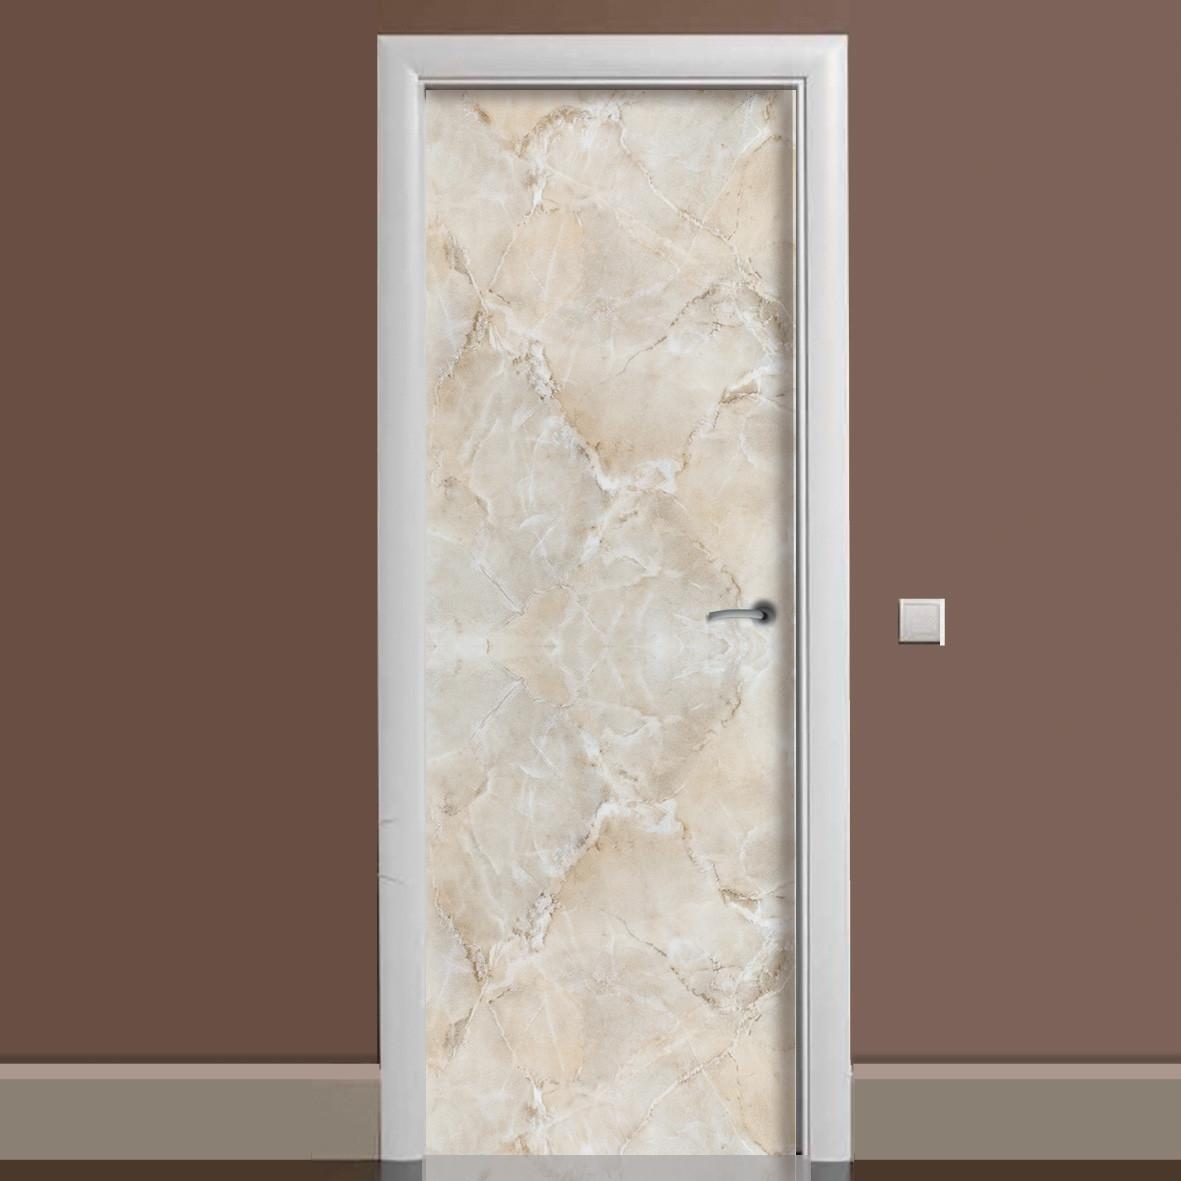 Виниловая наклейка на дверь Мрамор 01 Бежевый ламинированная двойная пленка фотопечать под камень